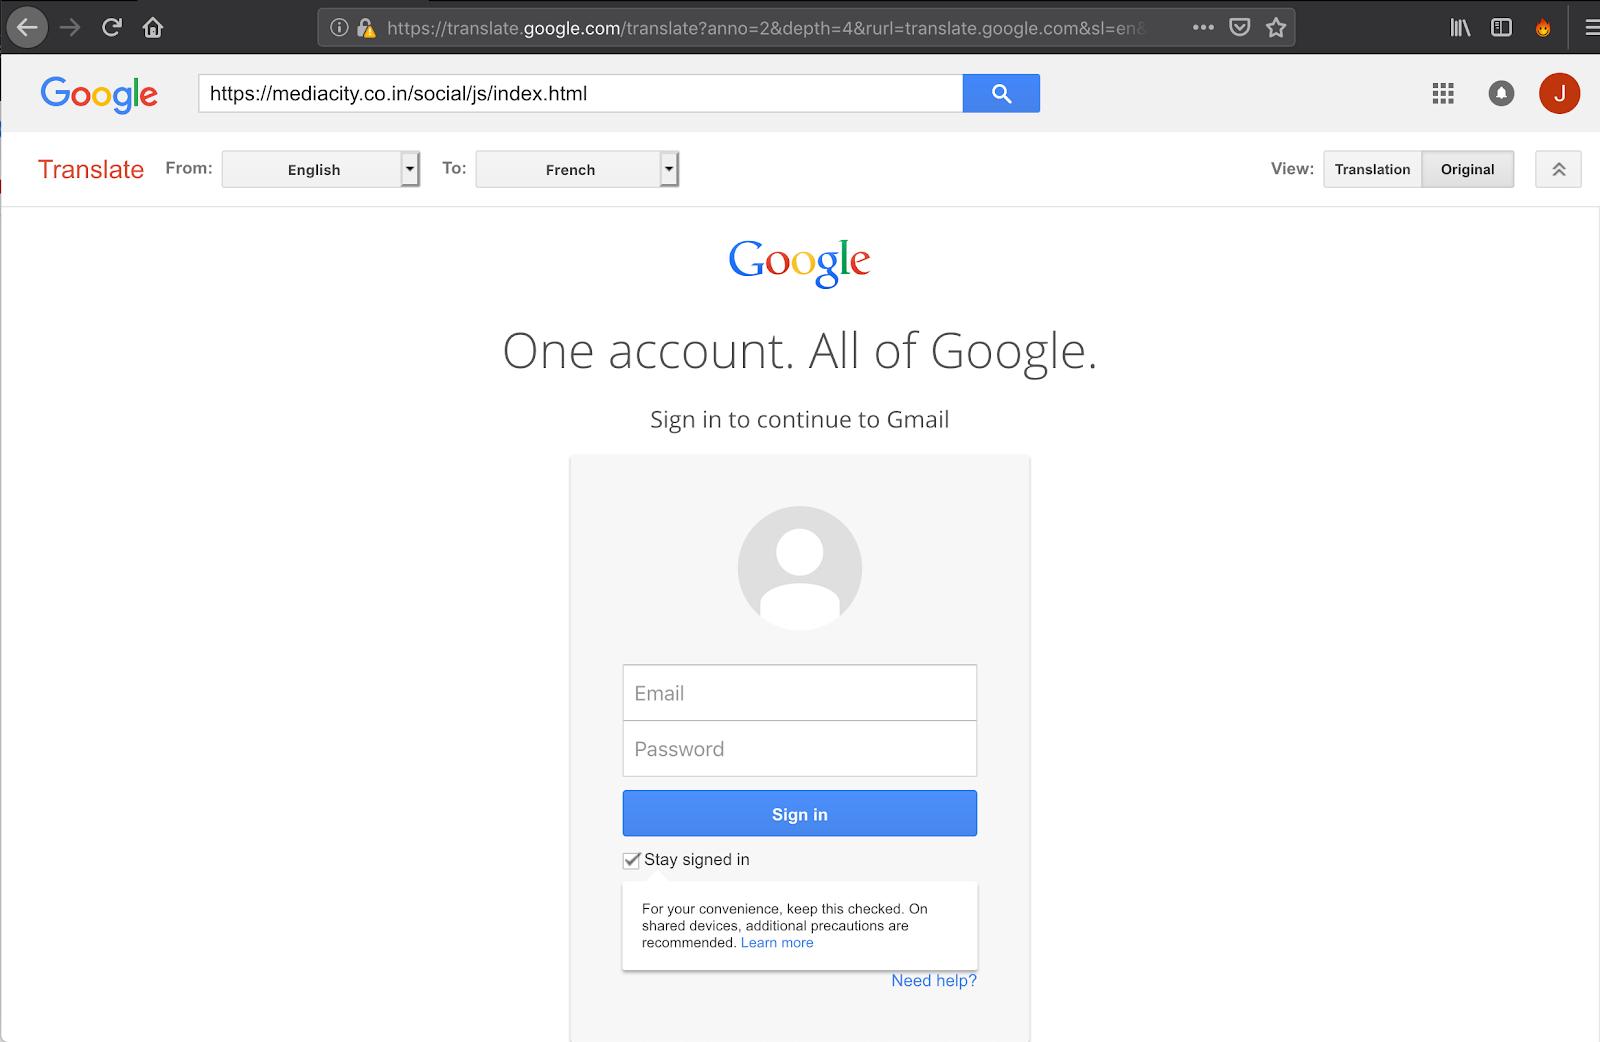 Пользователей Google обокрали с помощью подставного «Переводчика»